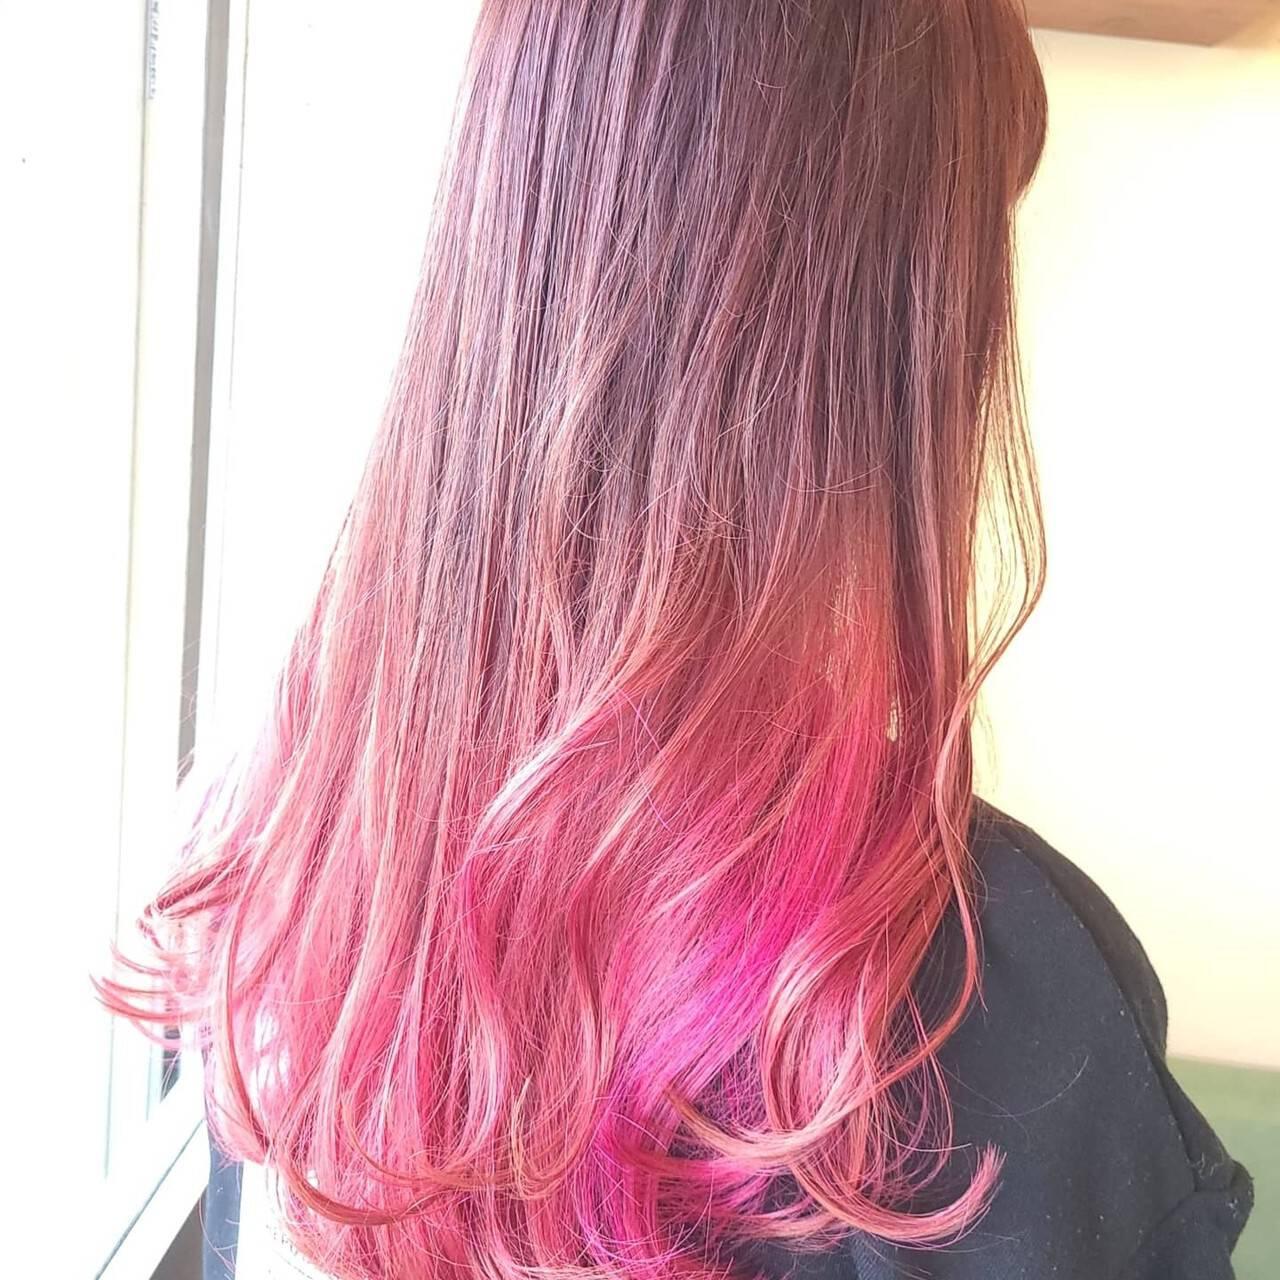 ピンクカラー ストリート ダブルカラー カラーバターヘアスタイルや髪型の写真・画像